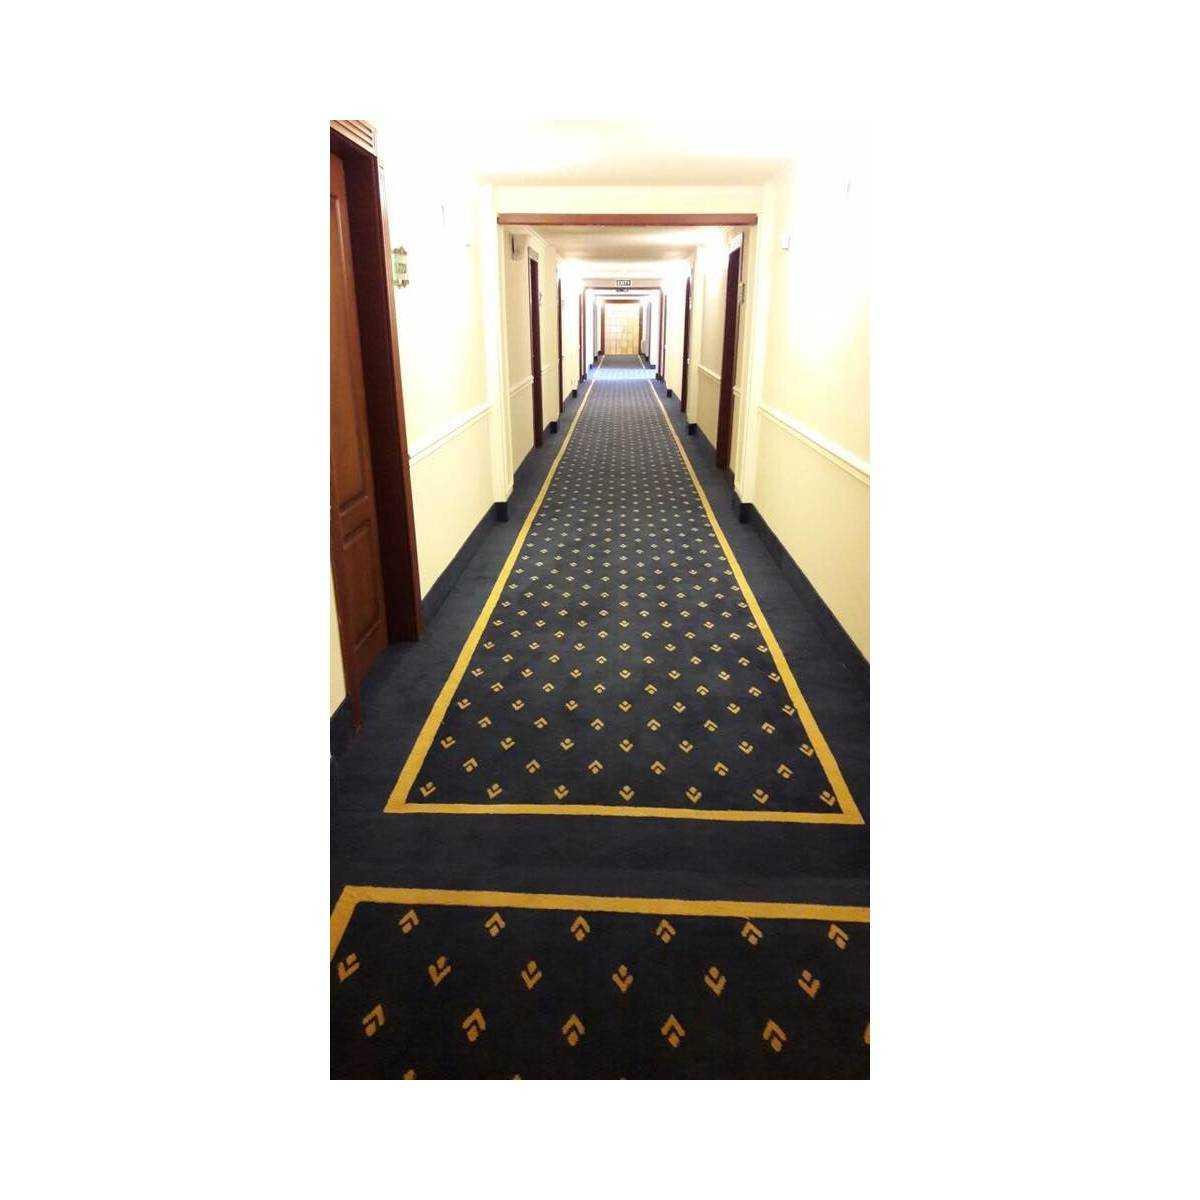 Ковры для коридоров carpet-room-cor.022 HASKUL HALI